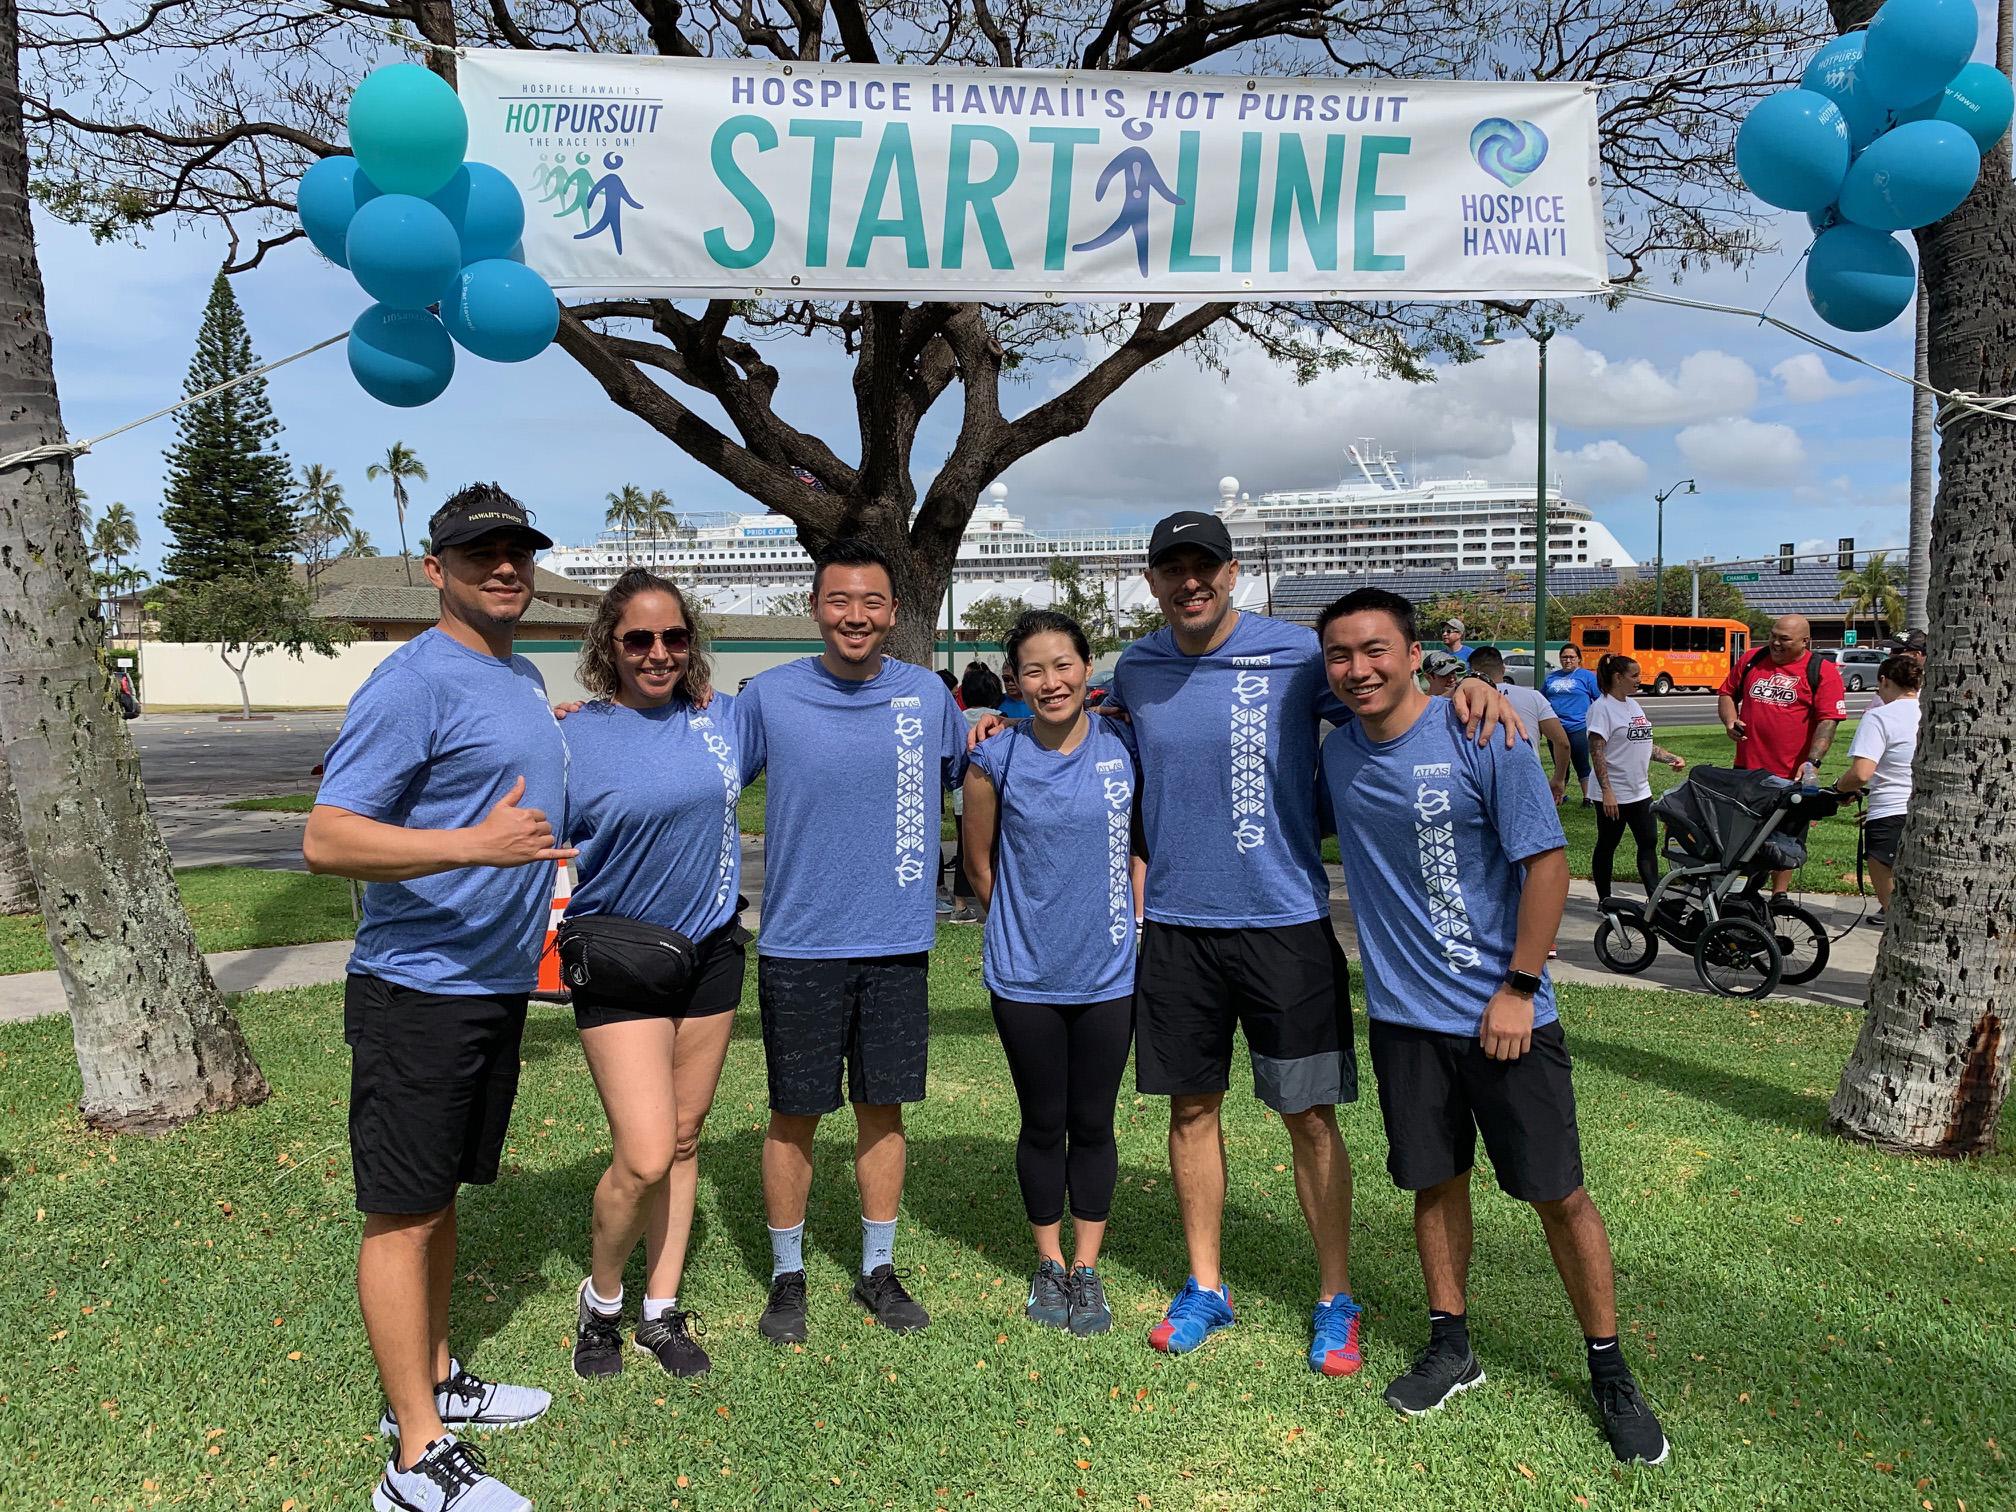 Hospice Hawaii Hot Pursuit 2019